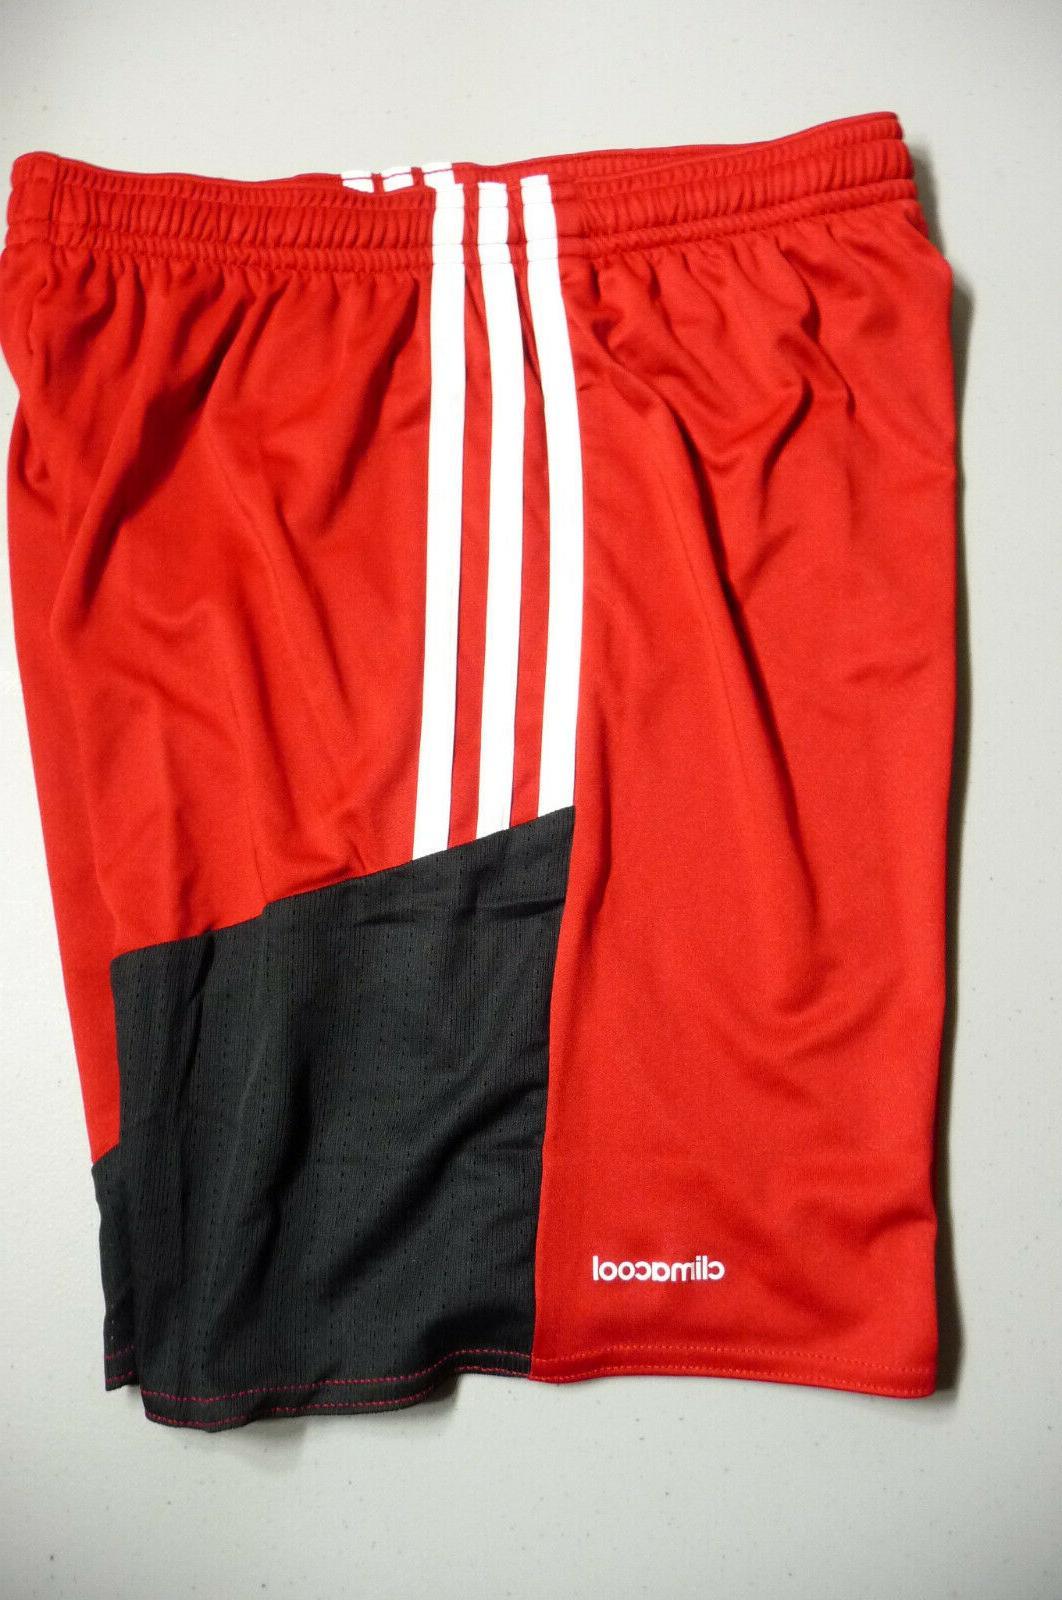 adidas Youth Shorts Colors Sizes NWT Uniform